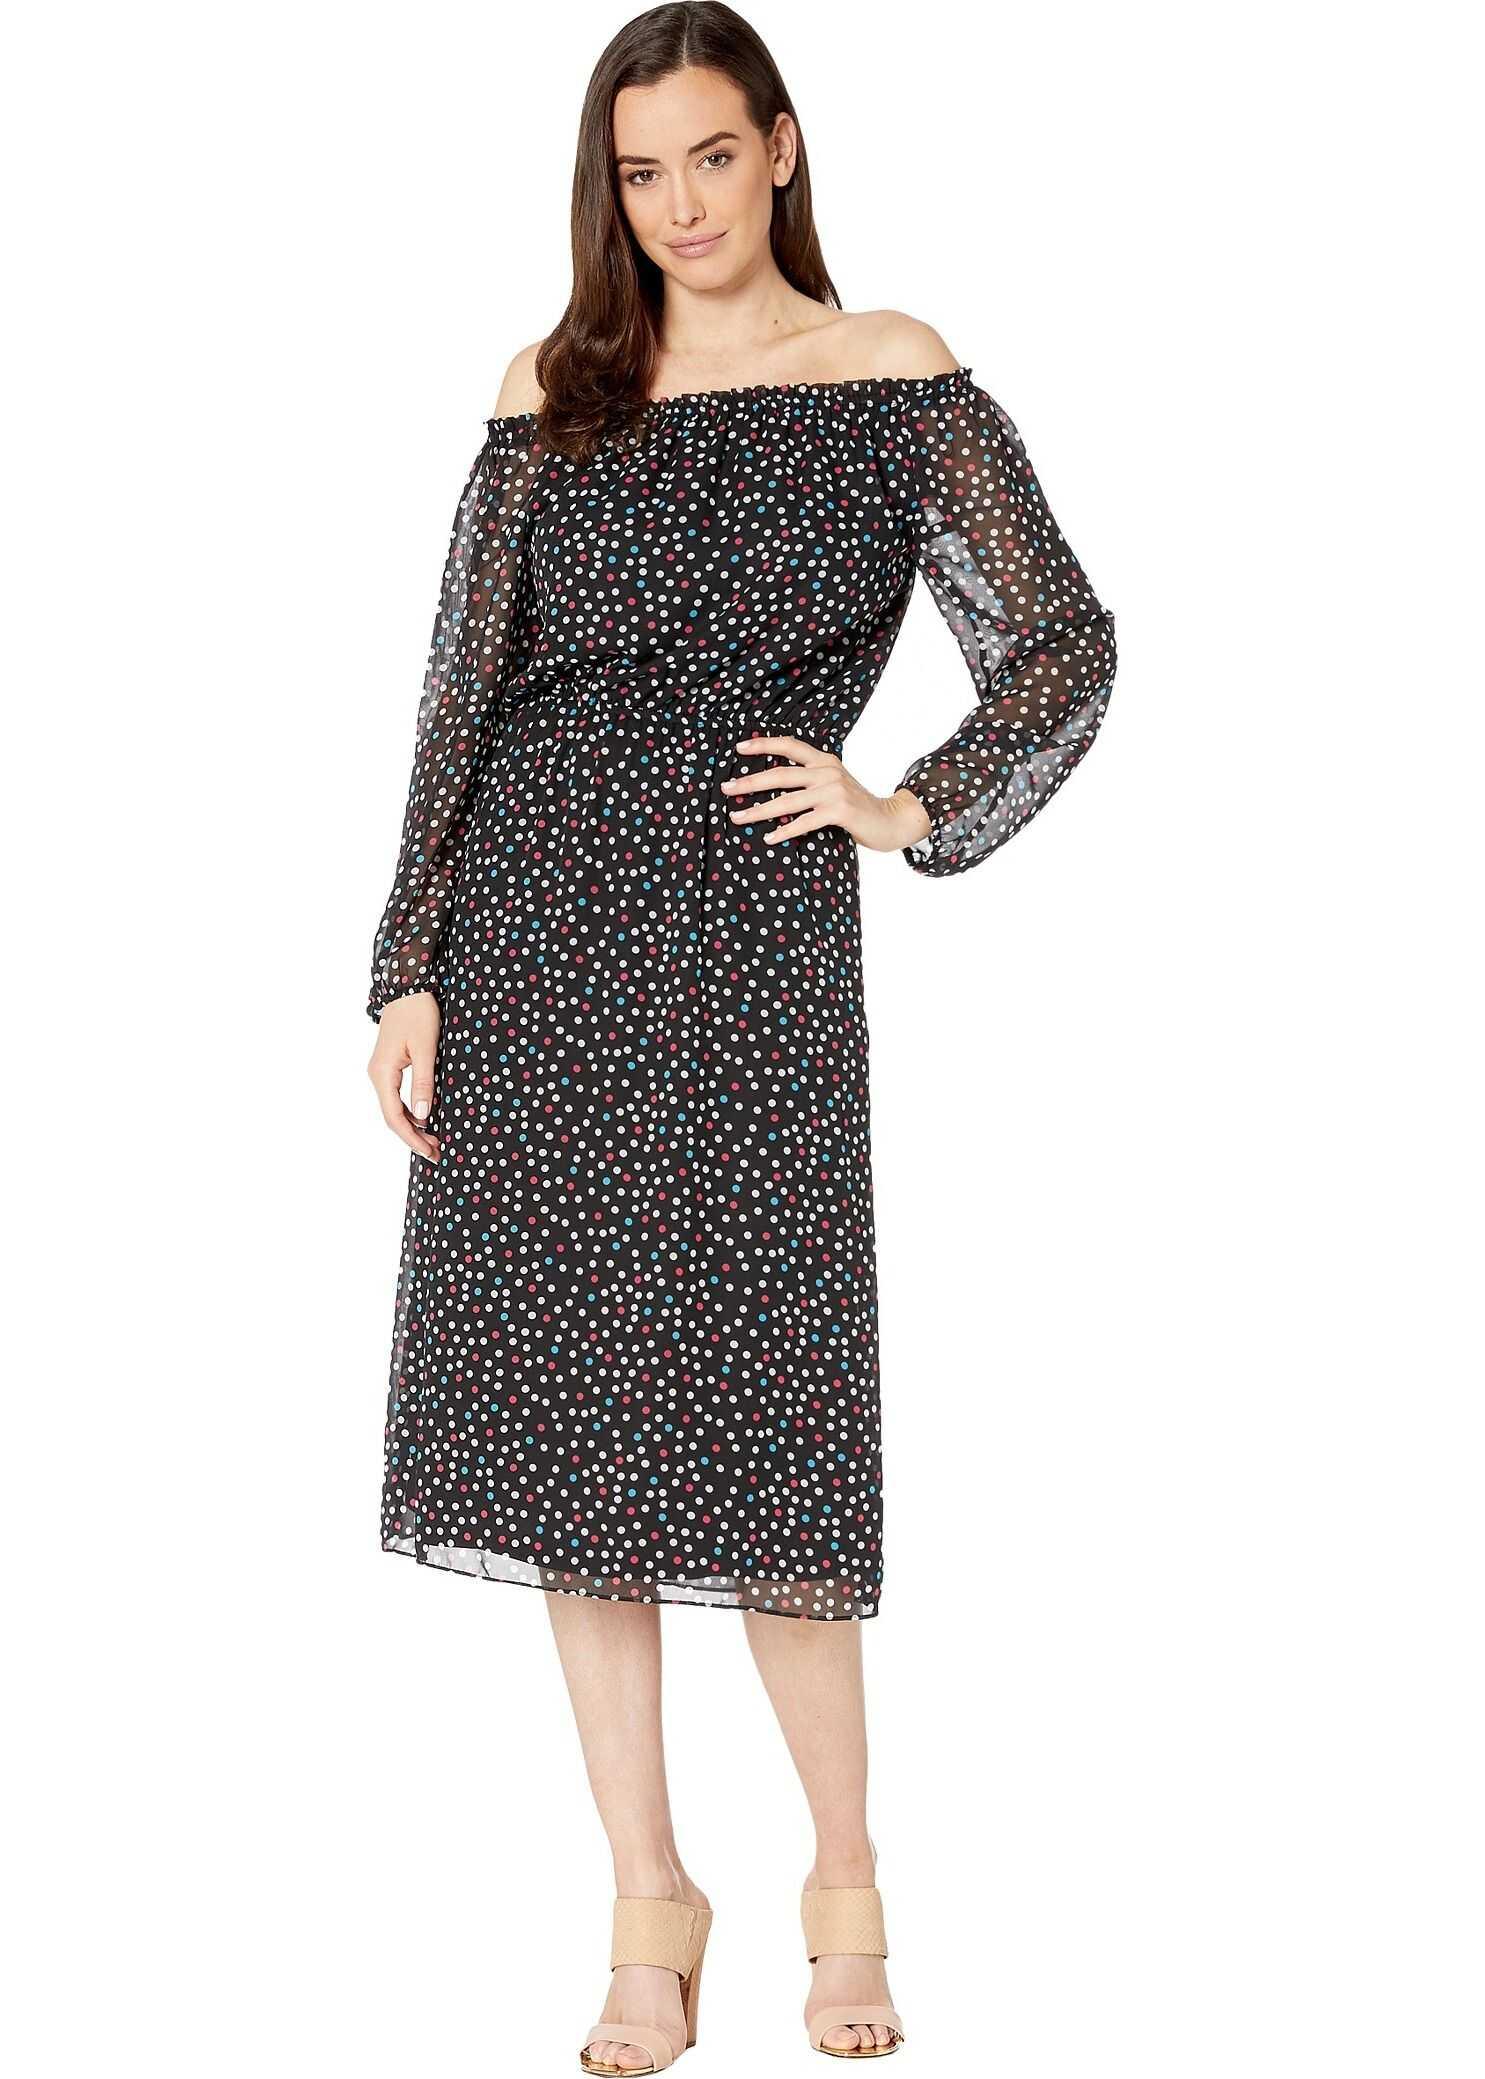 Nine West Sprinkle Dot Midi Long Sleeve Peasant Dress Black/Honolulu Multi